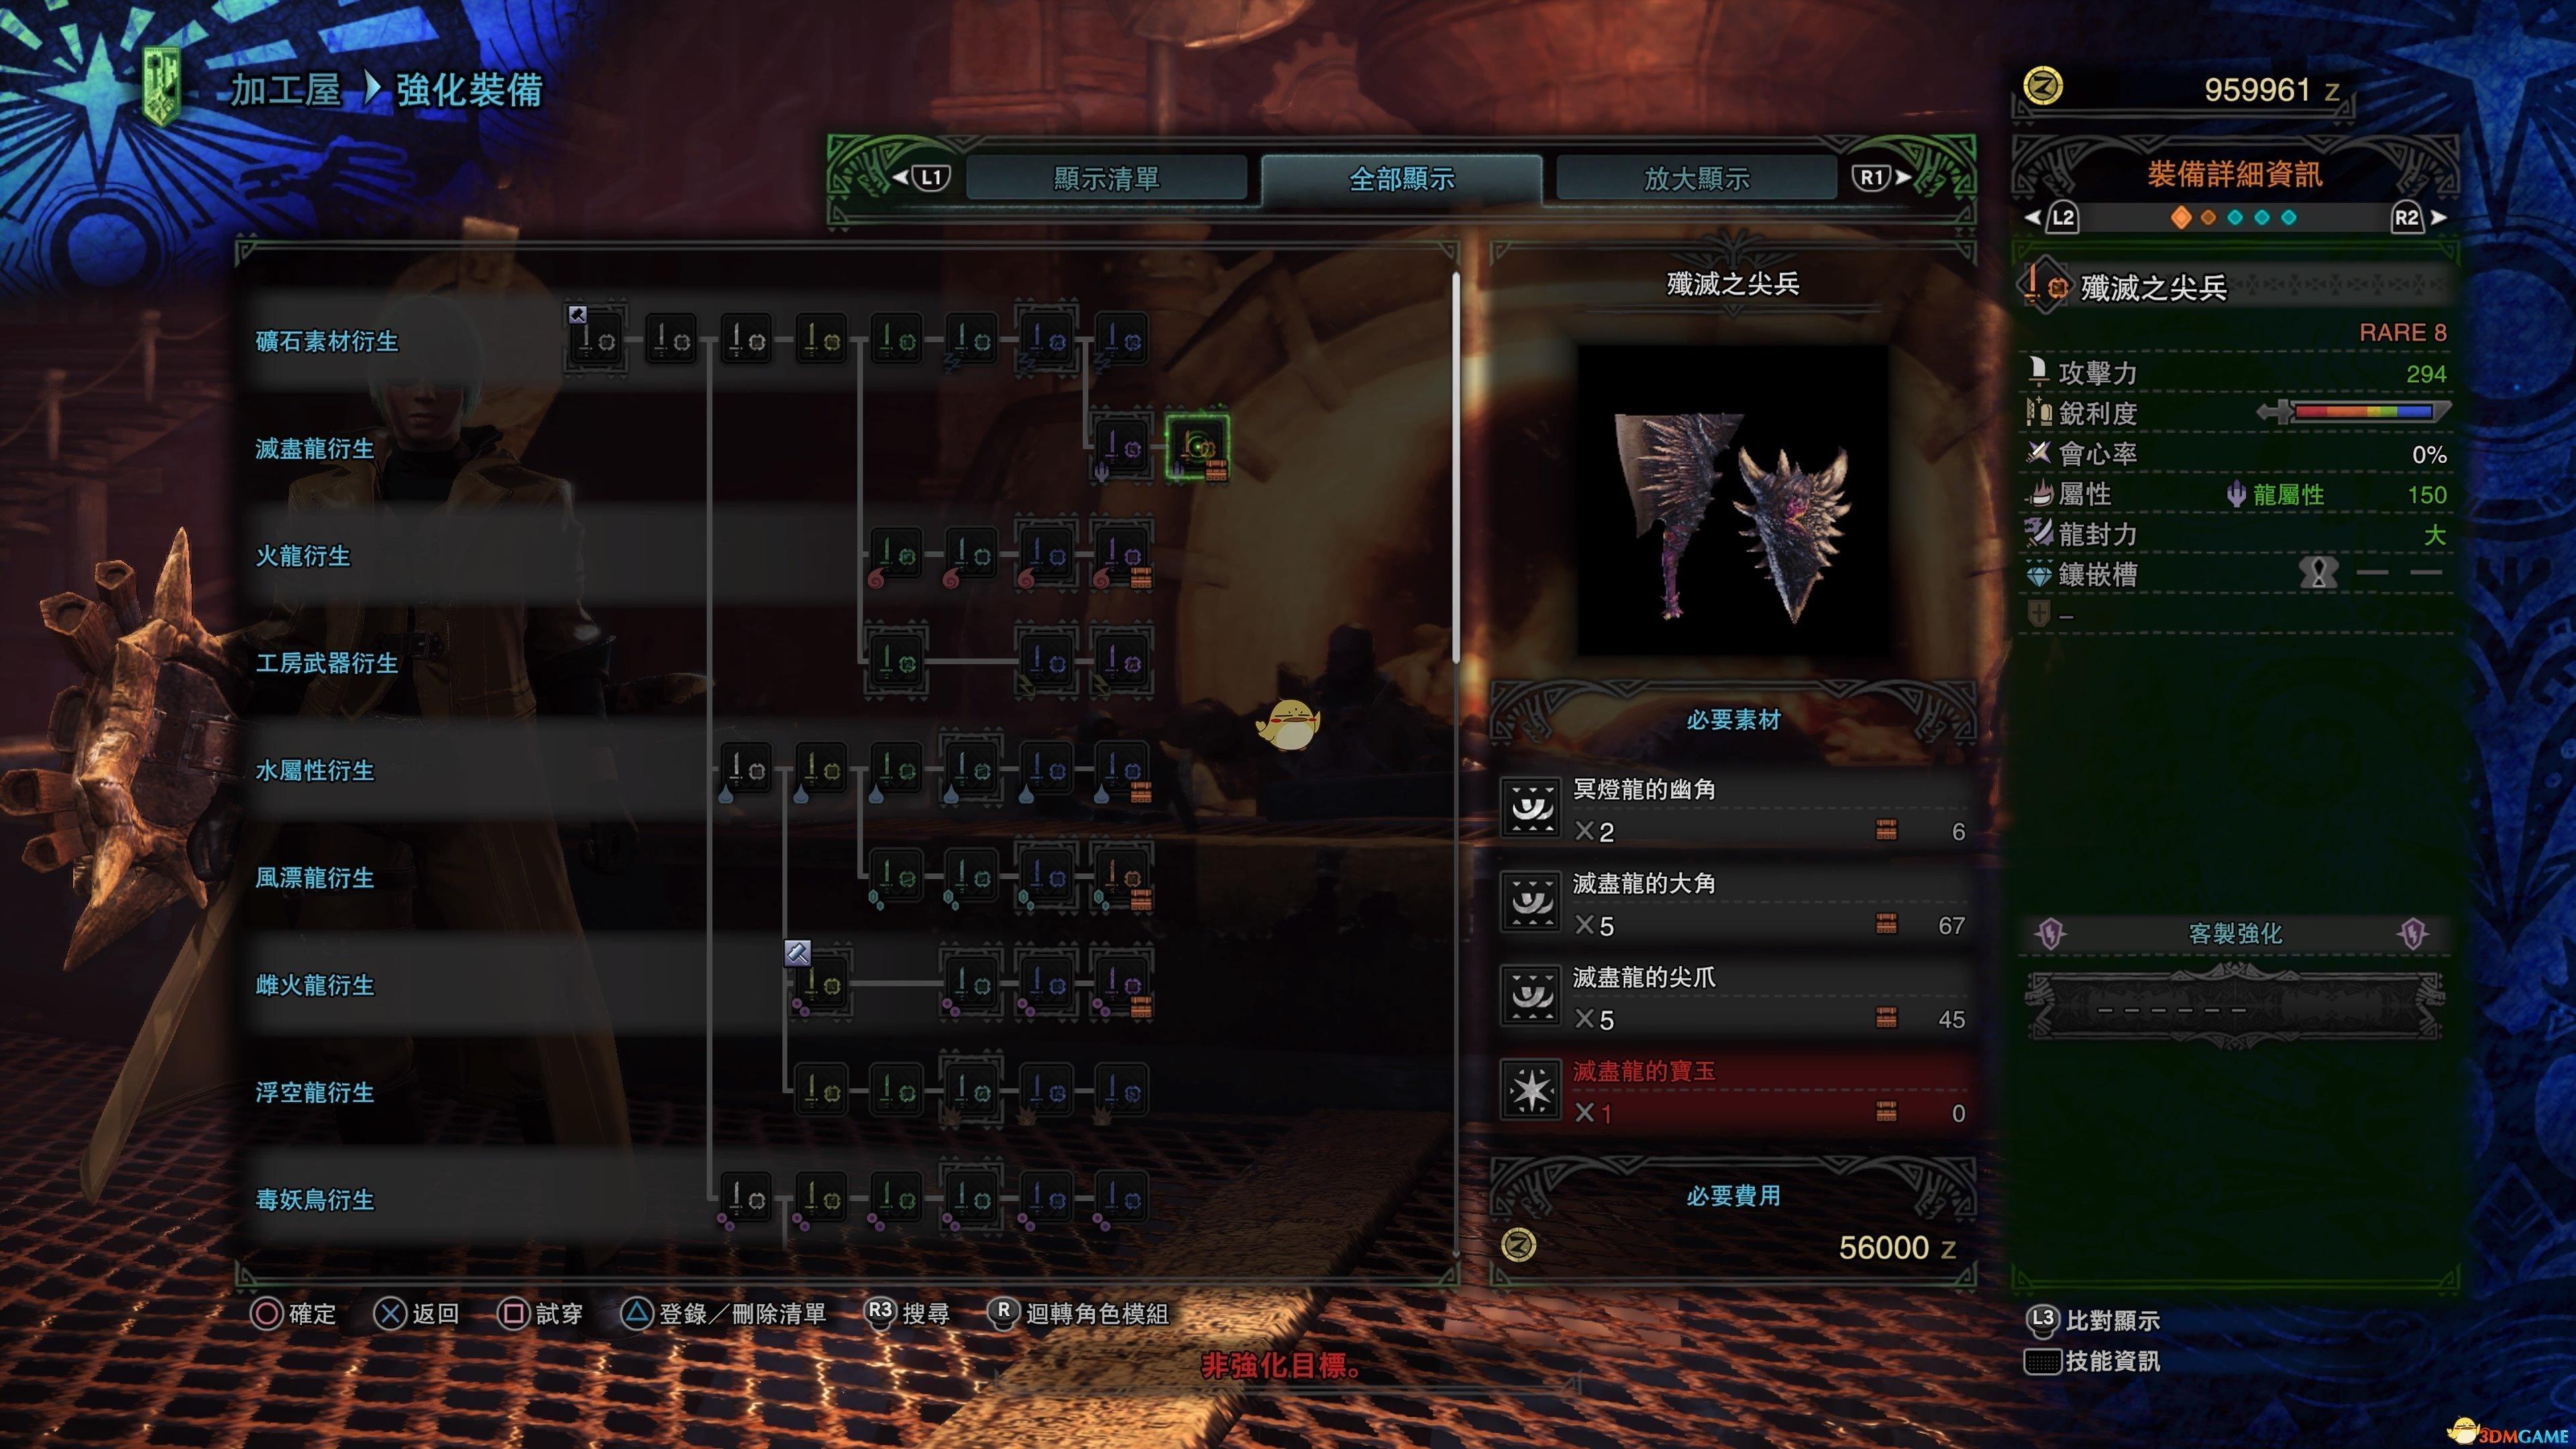 《怪物猎人:世界》PC1.1版本片手剑武器选择心得